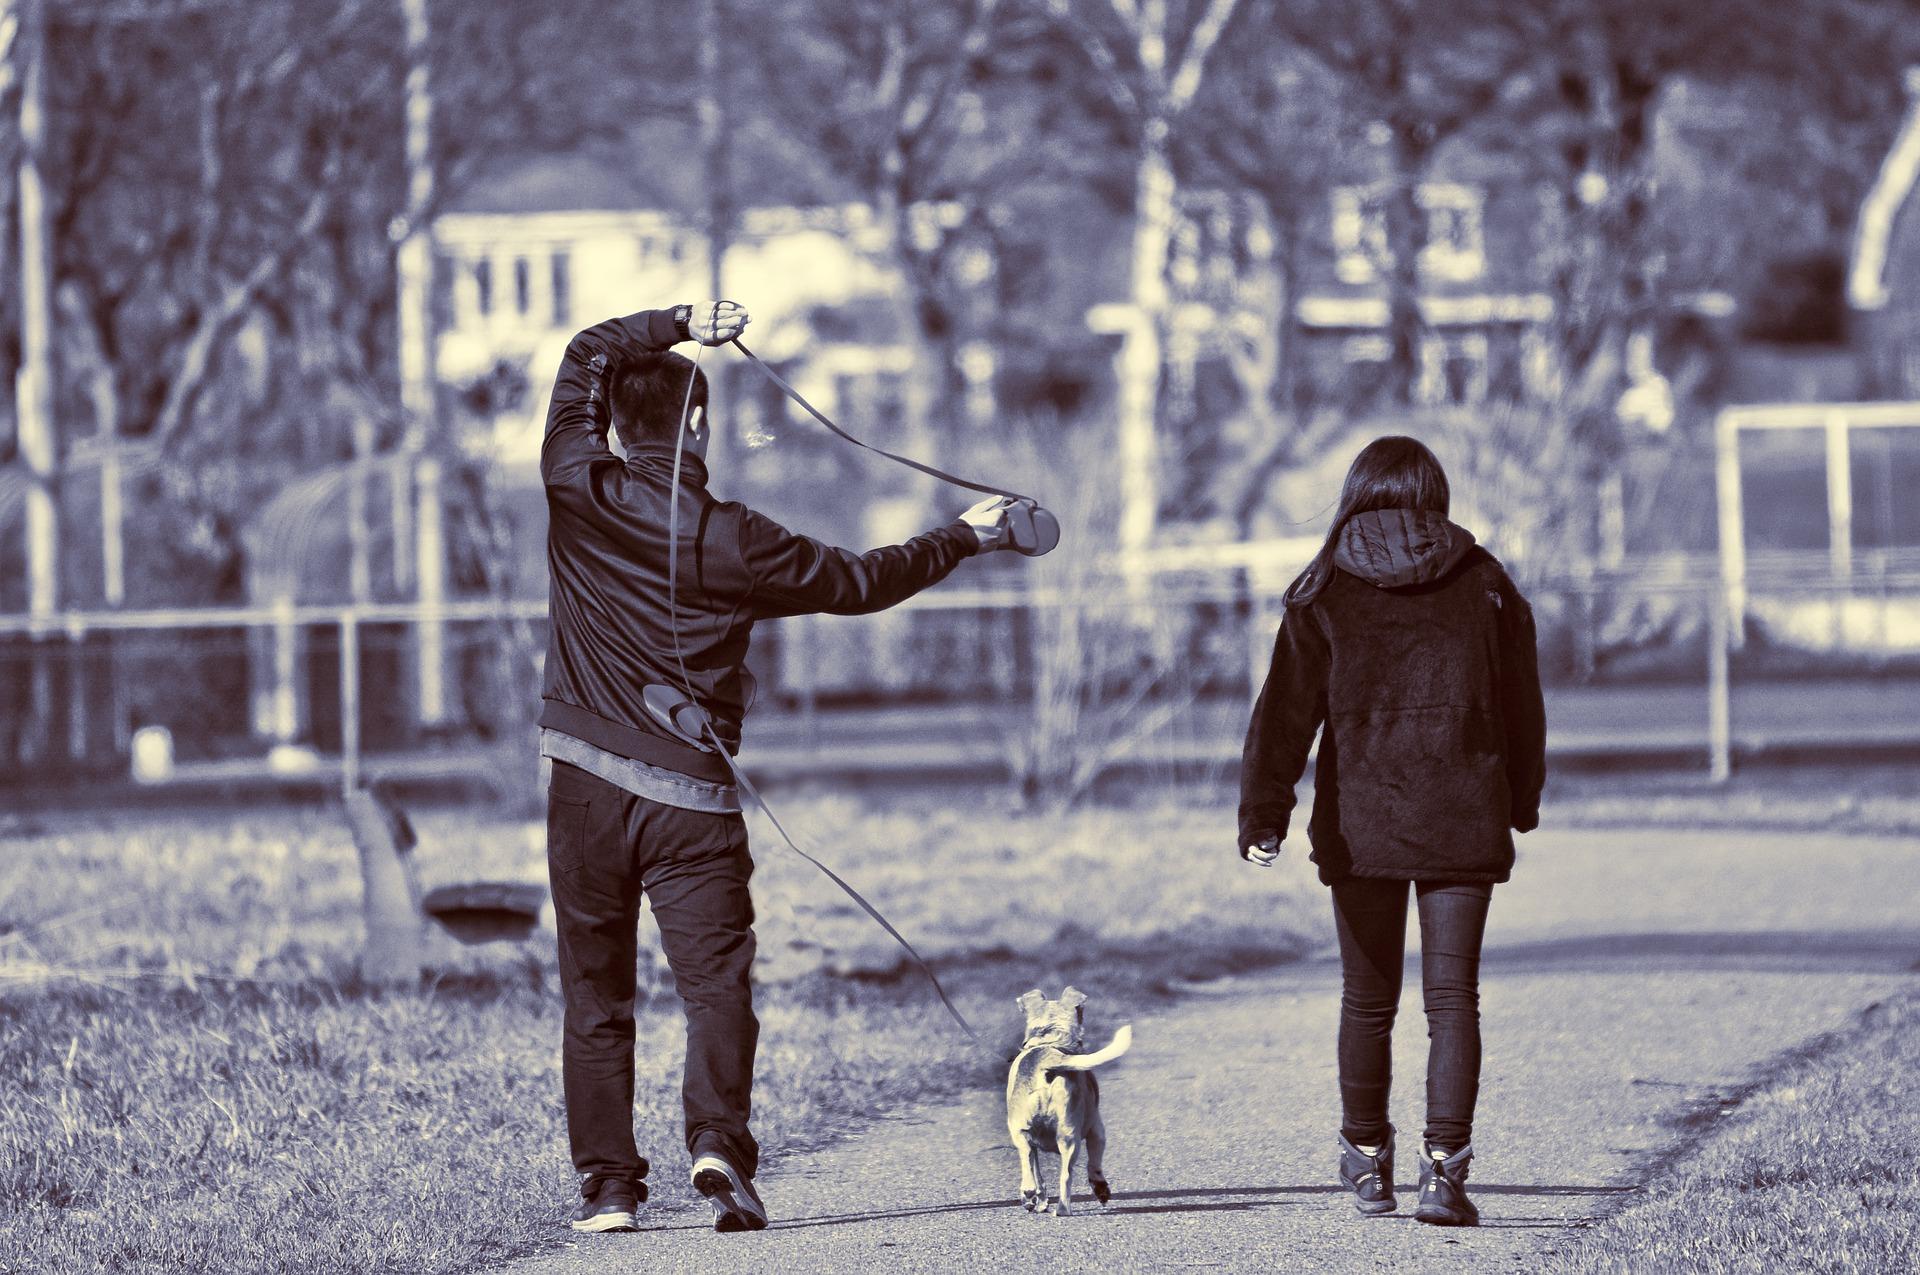 Nauka psa chodzenia na smyczy wymaga wiele cierpliwości i stanowczości ze strony opiekuna. Regularne treningi i akcesoria - przysmaki treningowe, smycz treningowa i wygodne szelki ułatwią pracę.